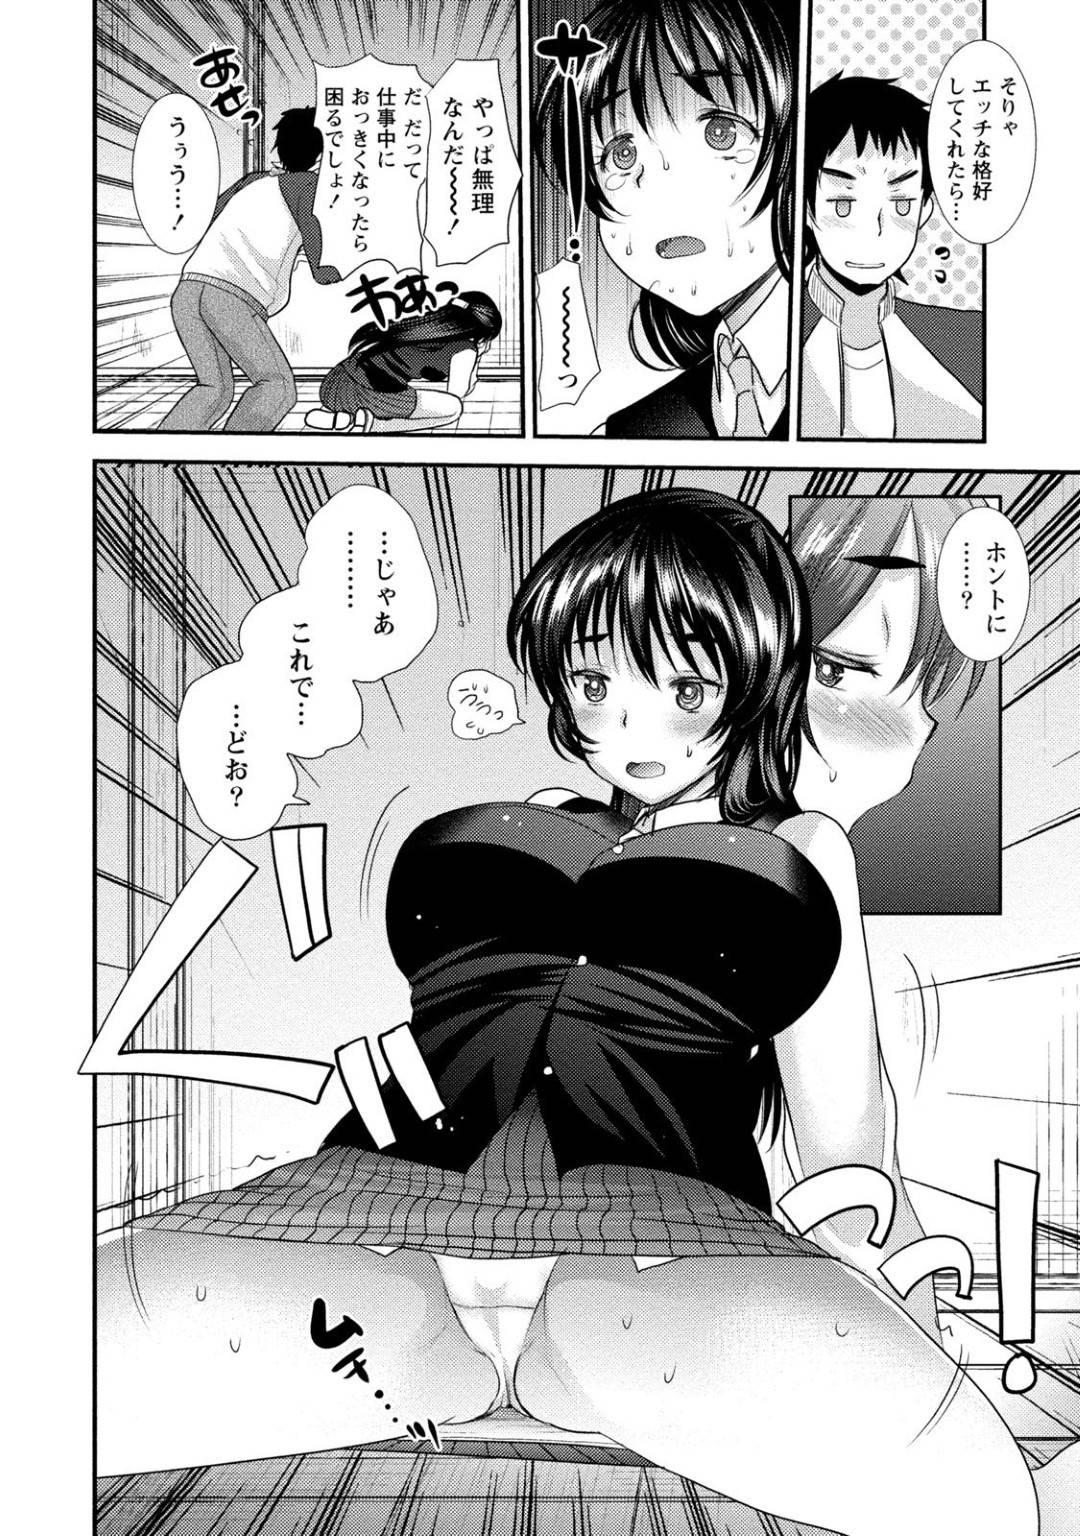 【エロ漫画】彼氏と同じ職場で働き老若男女に好かれる巨乳彼女…作業服から新制服に着替えることを拒むが彼氏に制服姿を見せてイチャラブ中出しセックス!【いちこ:麻衣ちゃんはハイ♡スペック】